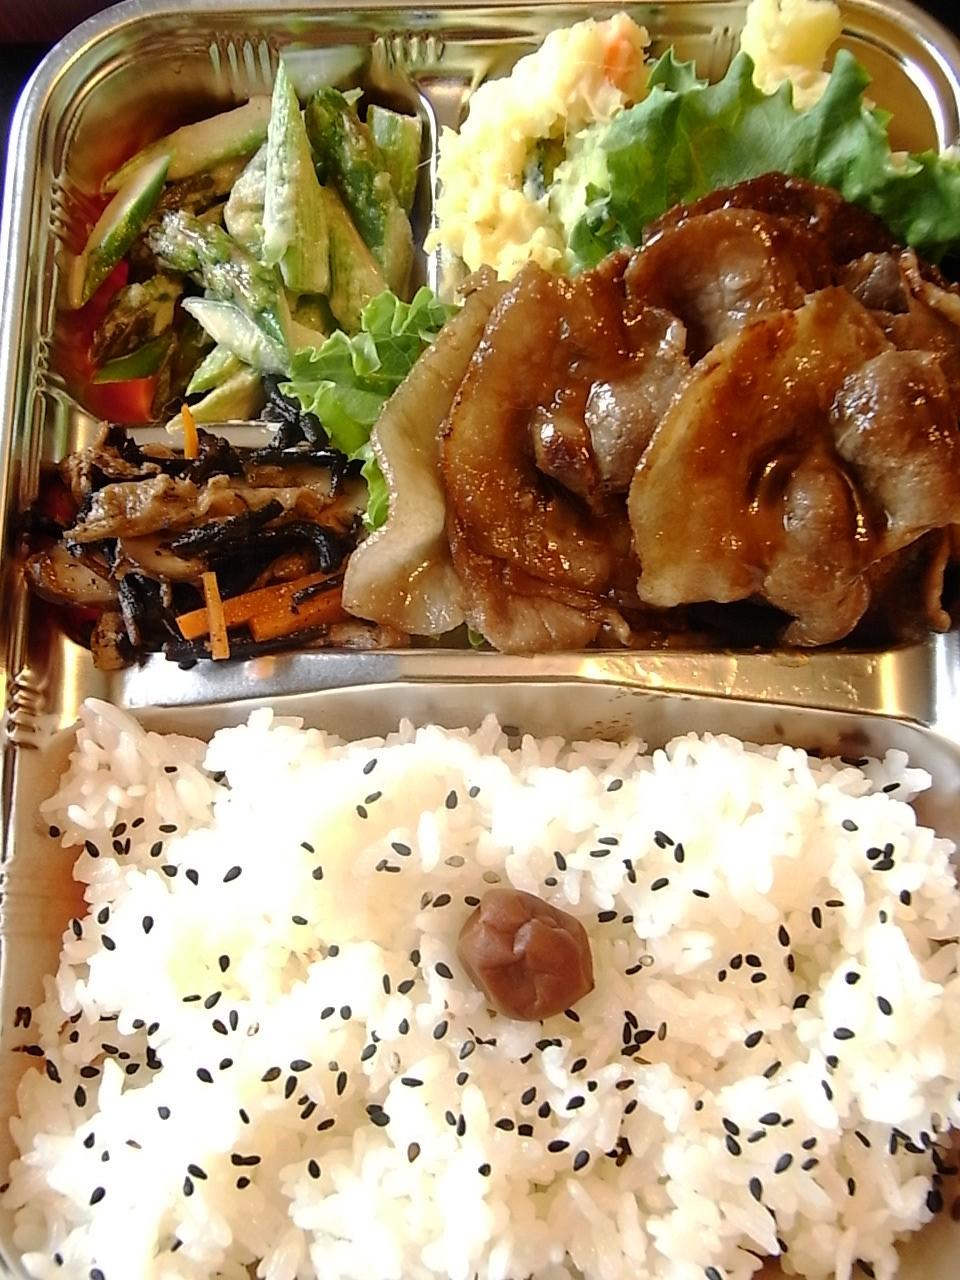 今日のお弁当:豚の生姜焼き弁当_e0061902_0474630.jpg